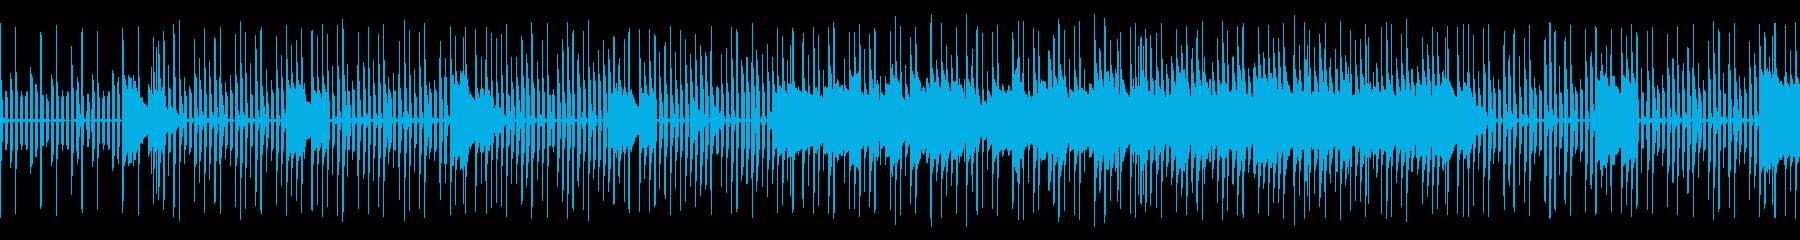 のどかでかわいい、わくわく日常系BGMの再生済みの波形